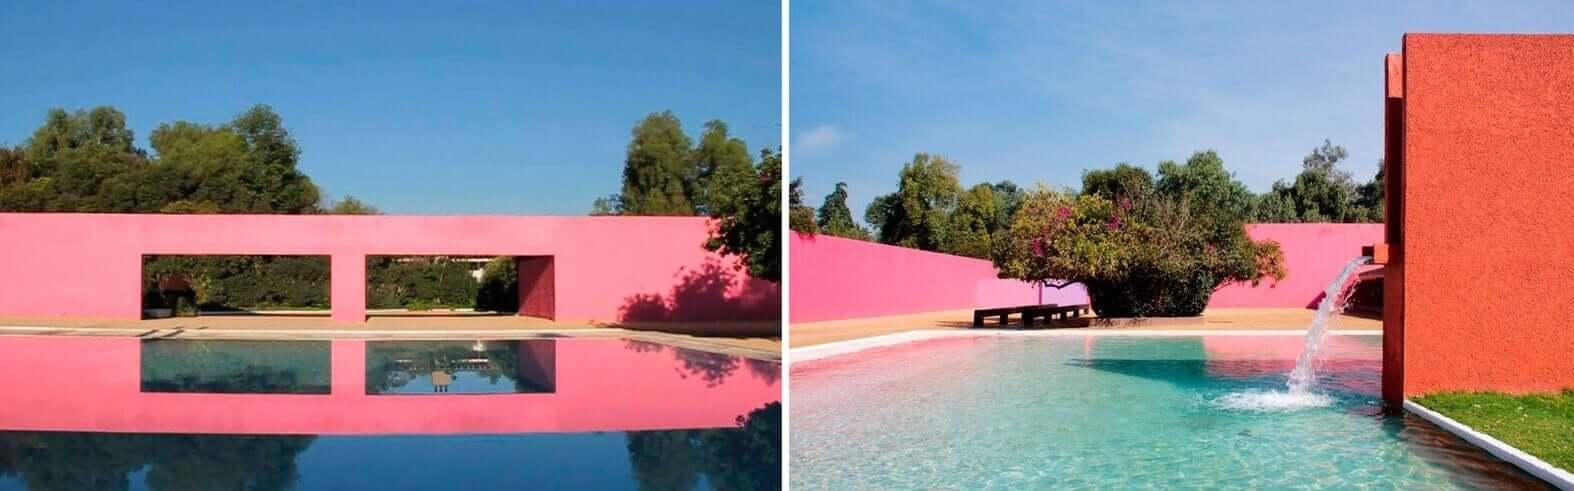 Gebouwen met een roze muur